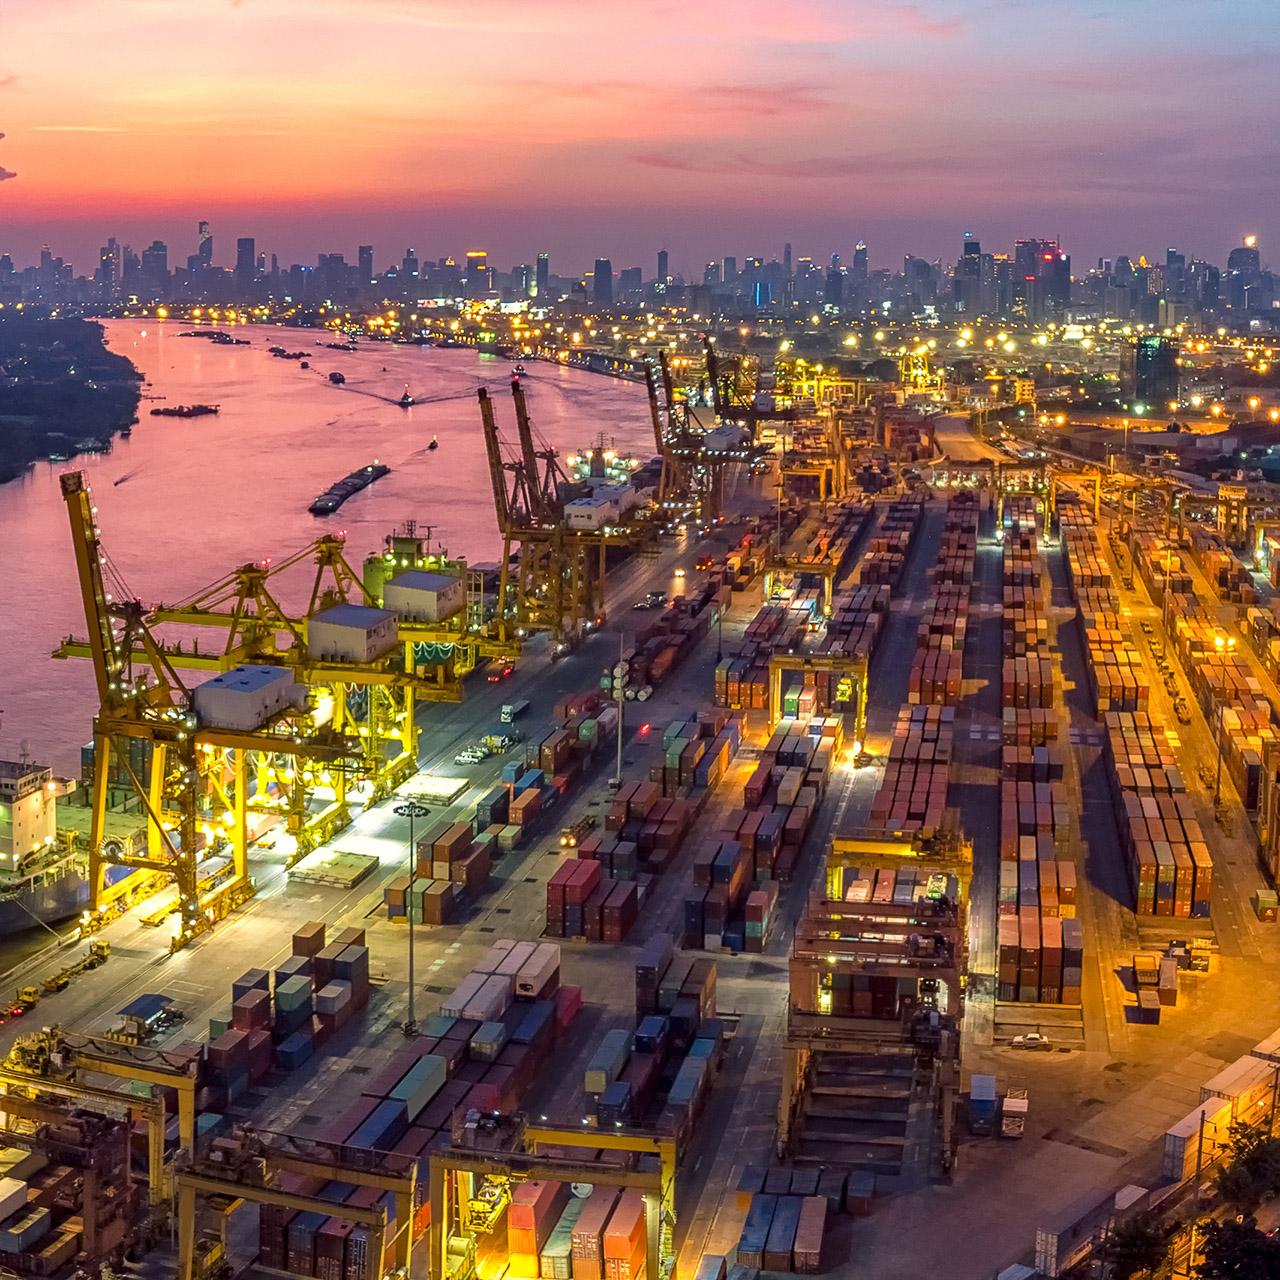 adapt supply chain